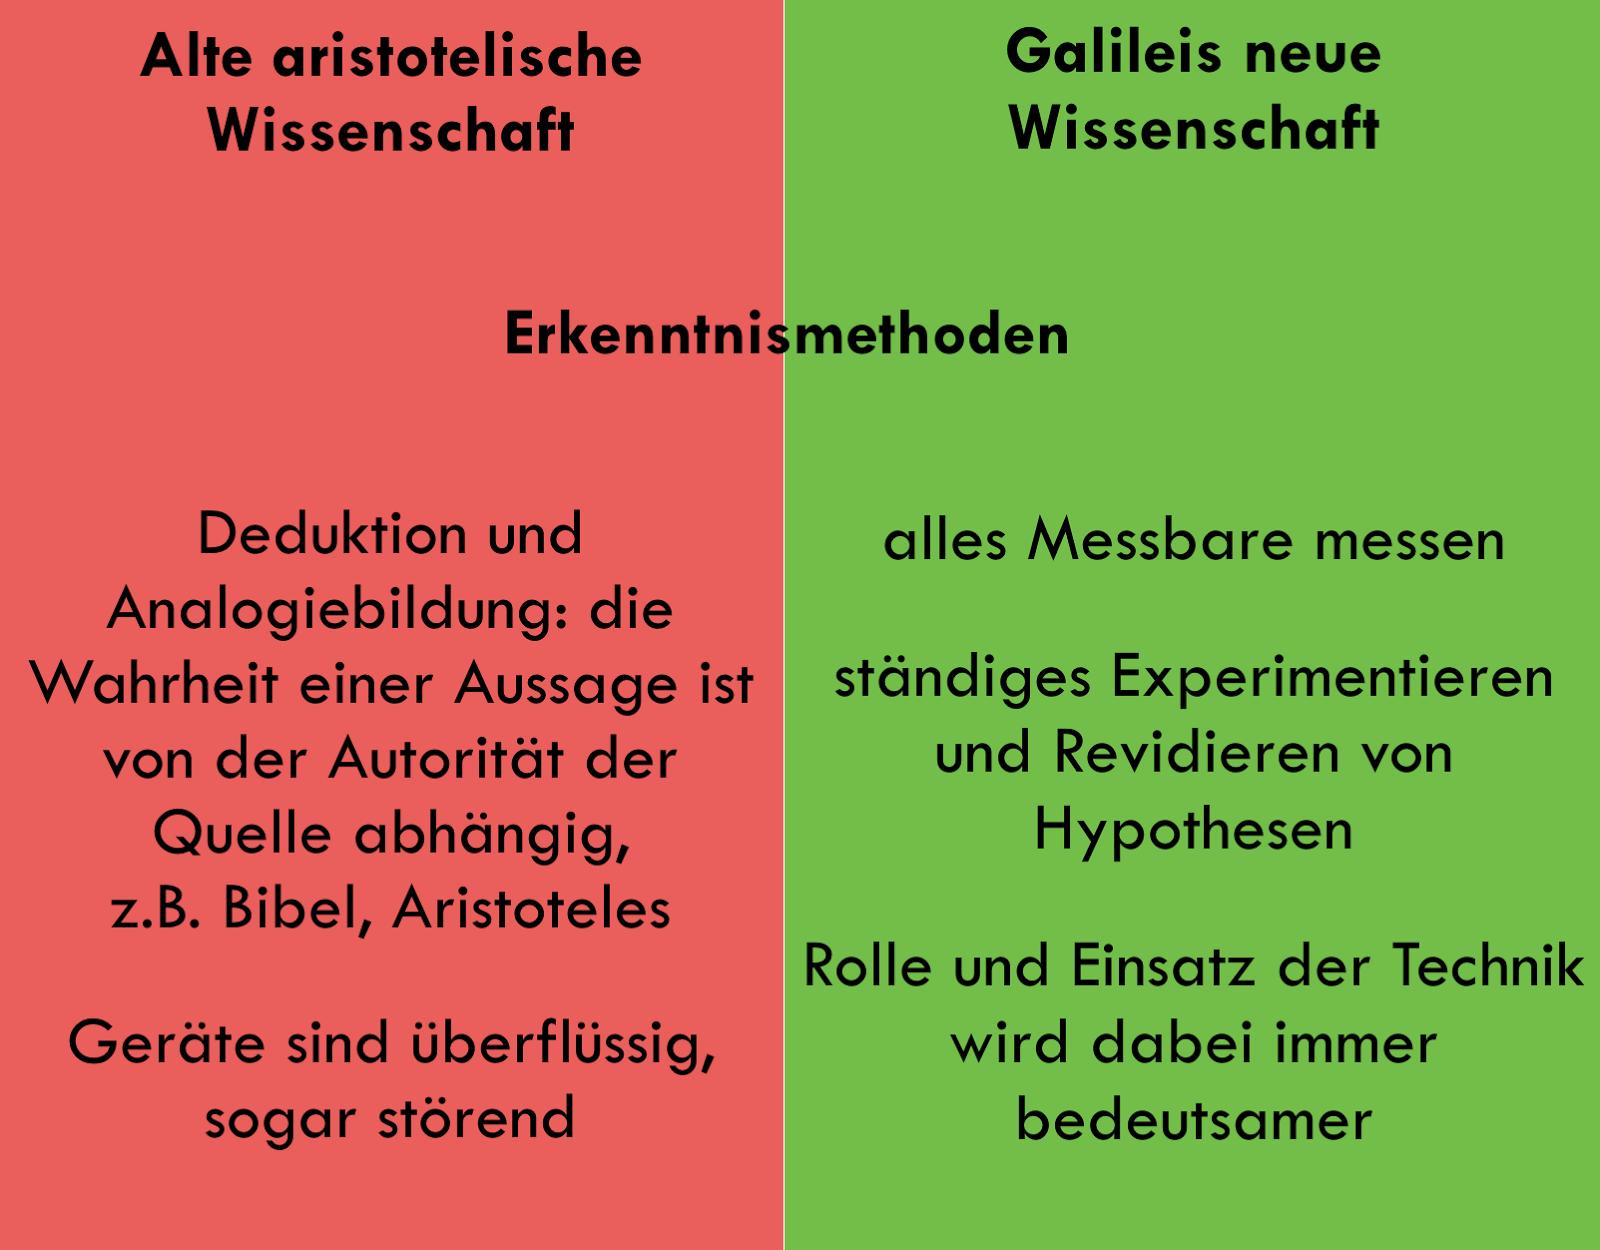 Leben Des Galilei Bild 8